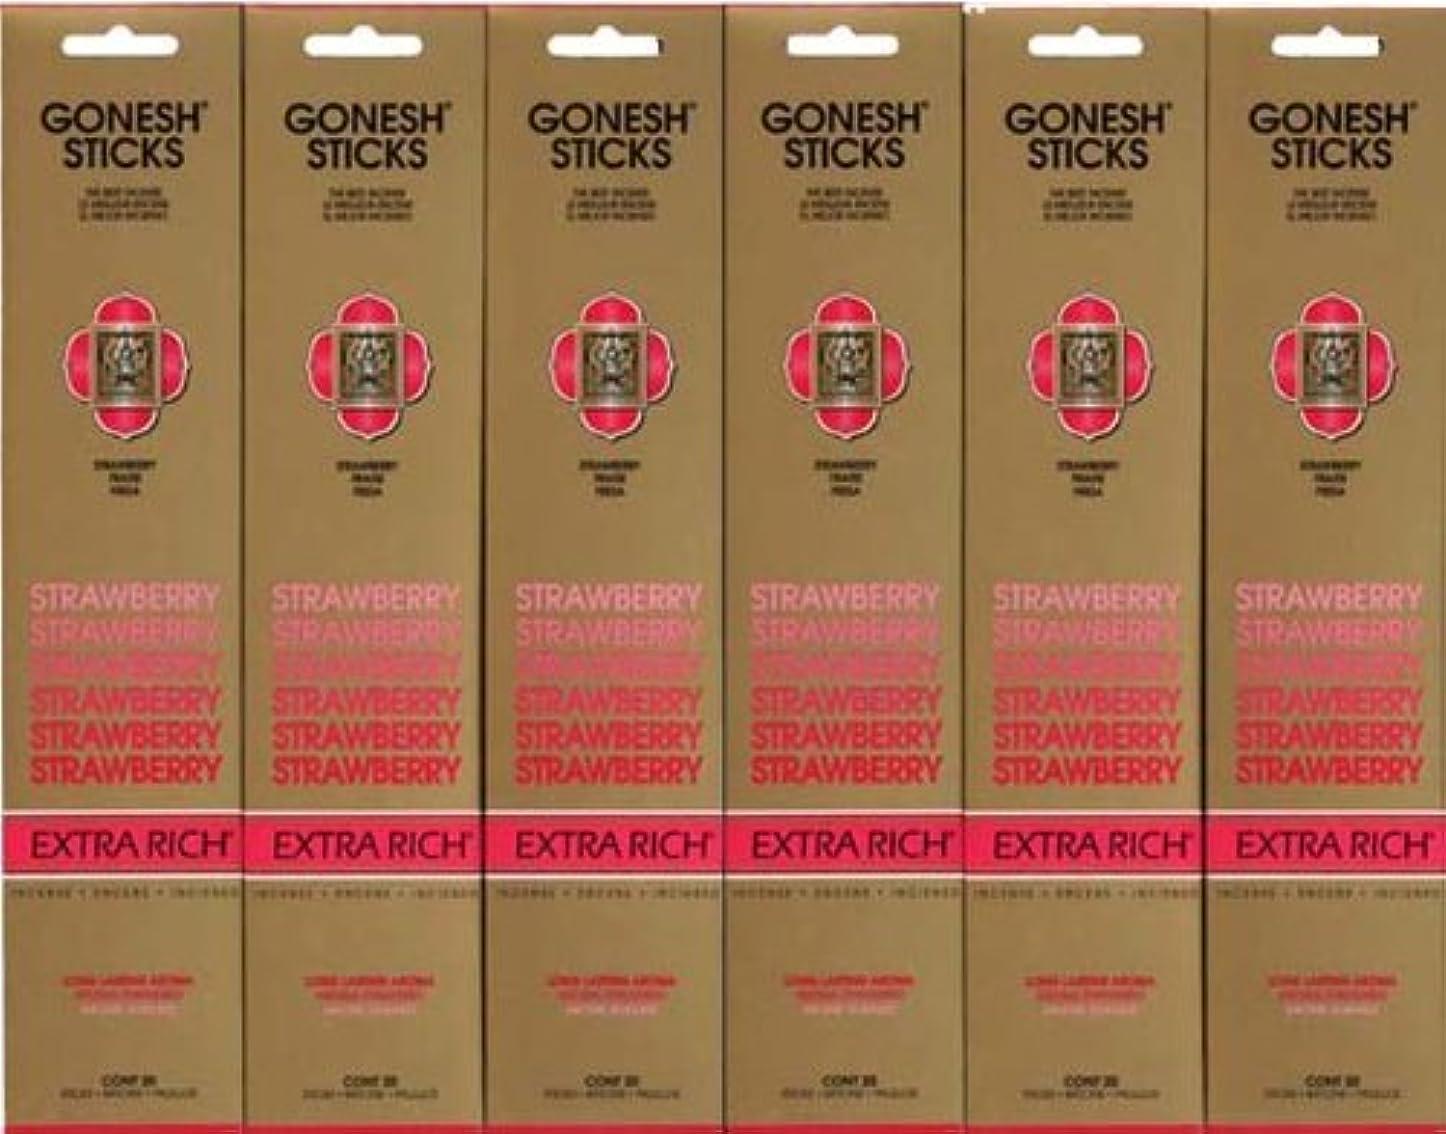 マイクロプロセッサバラ色怠惰GONESH STRAWBERRY ストロベリー スティック 20本入り X 6パック (120本)